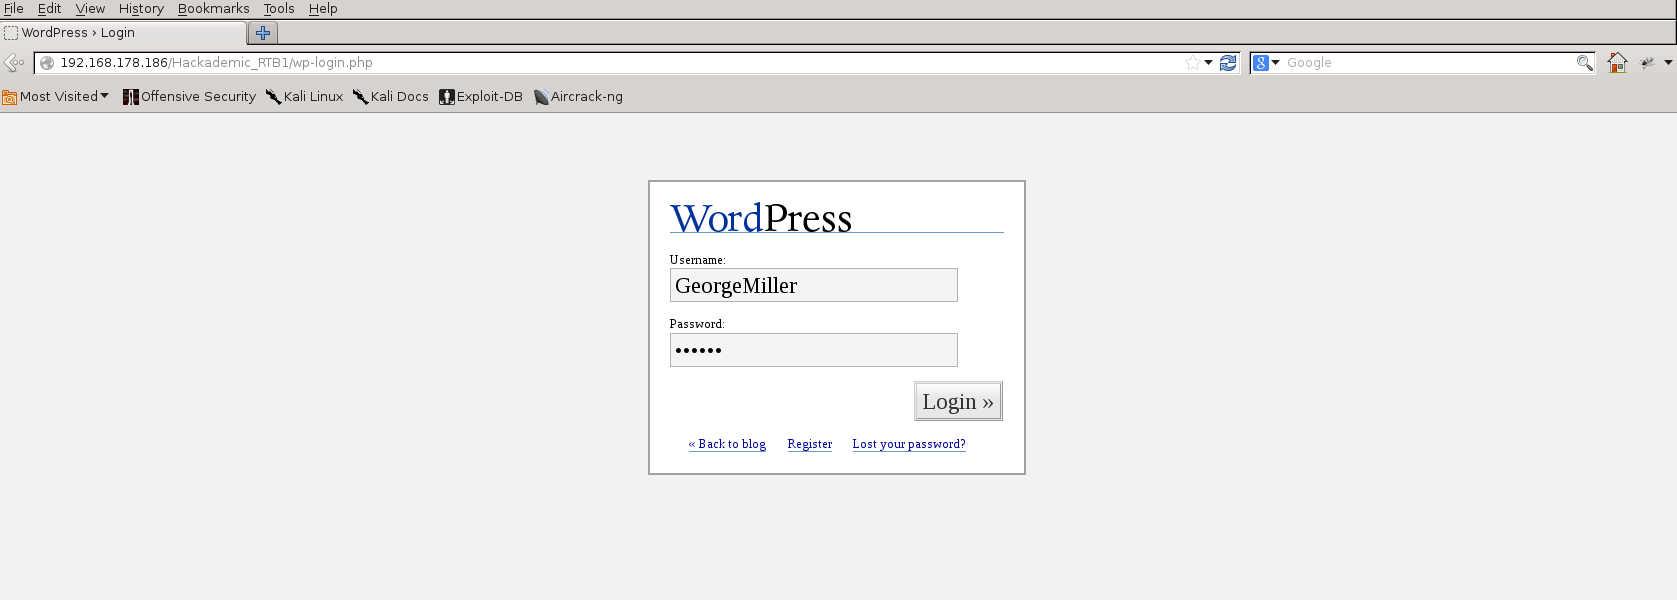 Wordpress 1.5.1.1 Login screen